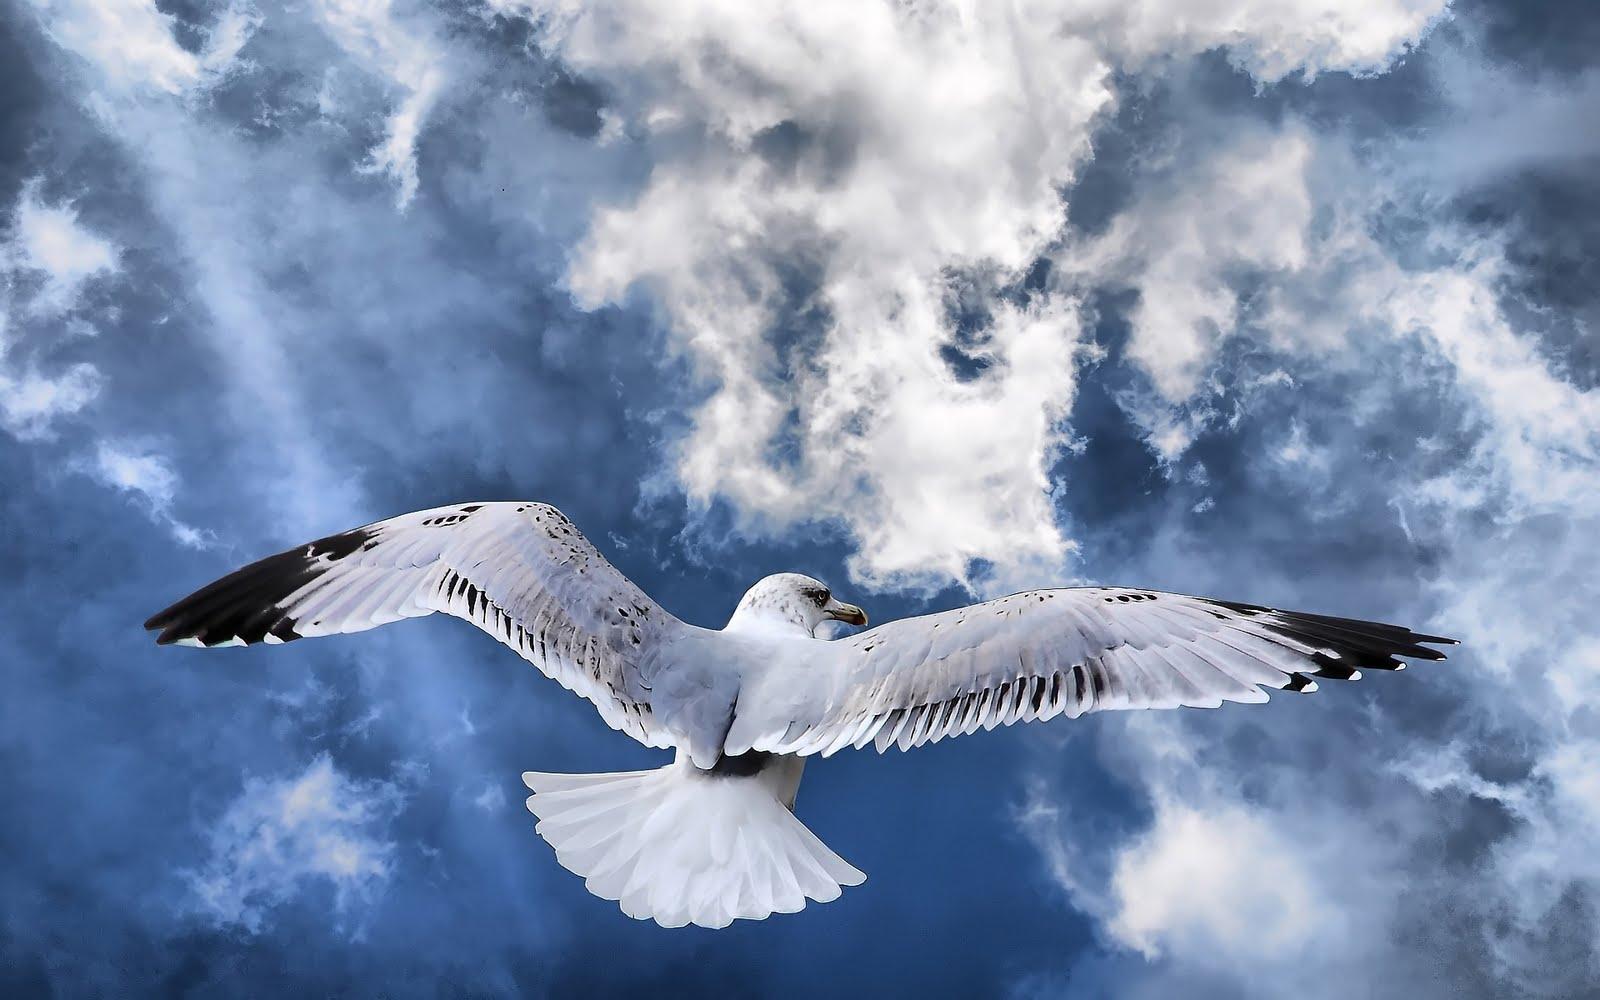 http://3.bp.blogspot.com/_Zw41kxI2akg/TBJpgPwiFUI/AAAAAAAACZE/7Ag-SG2smRs/s1600/Freedom+Zbor+de+Pasare.jpg